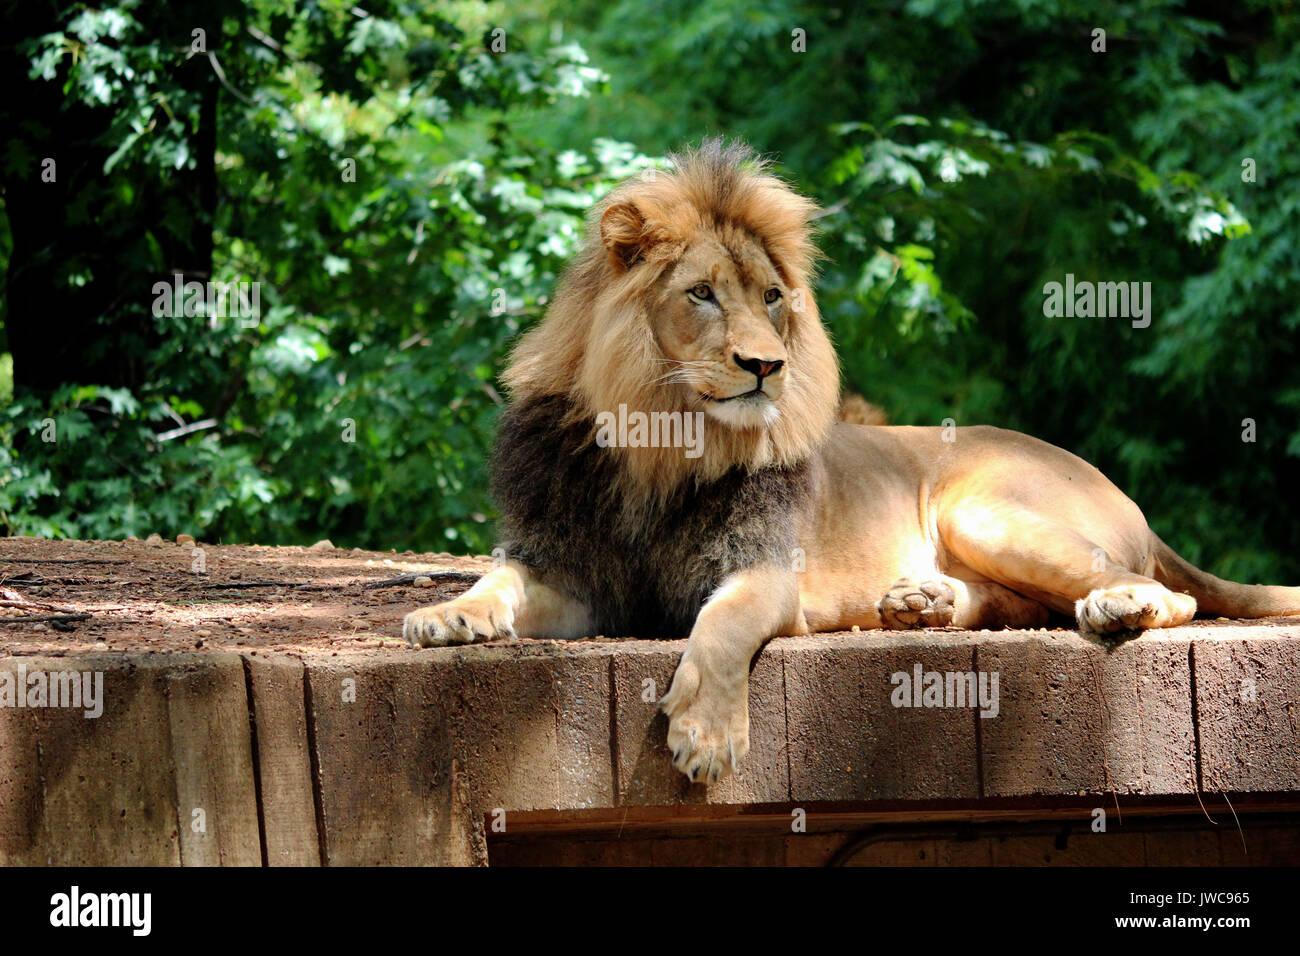 Un león descansando en su hábitat con un fondo verde frondoso. Imagen De Stock